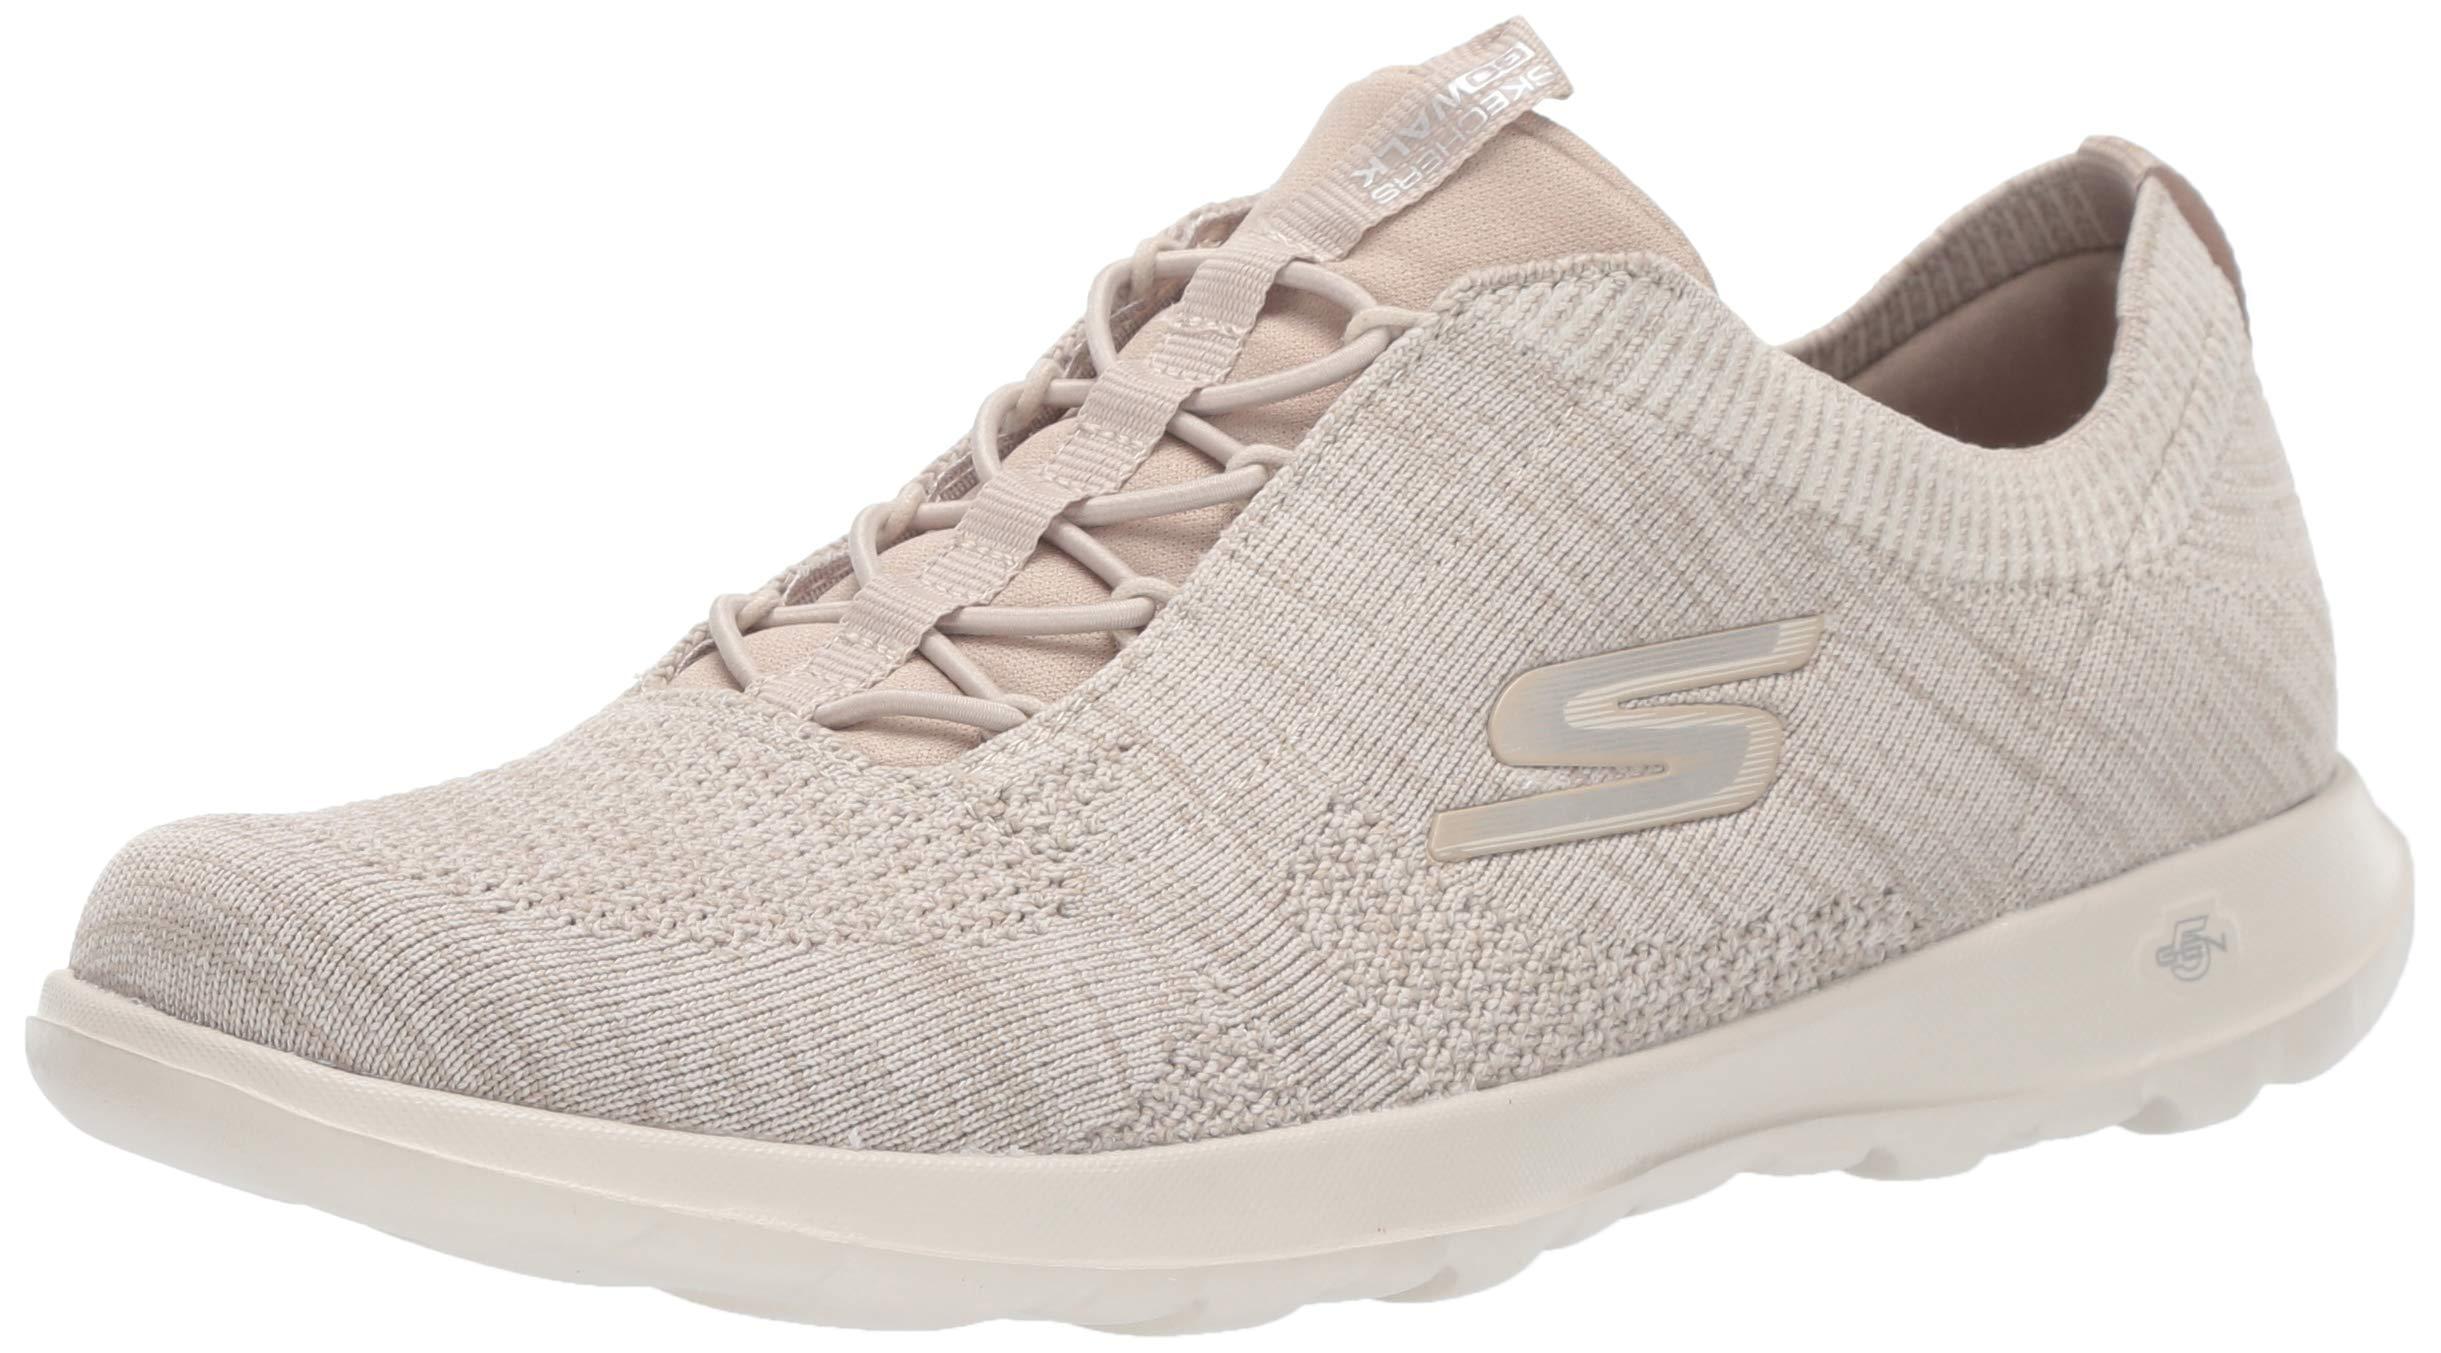 Skechers Women's GO Walk LITE - 15657 Shoe, Taupe, 9.5 M US by Skechers